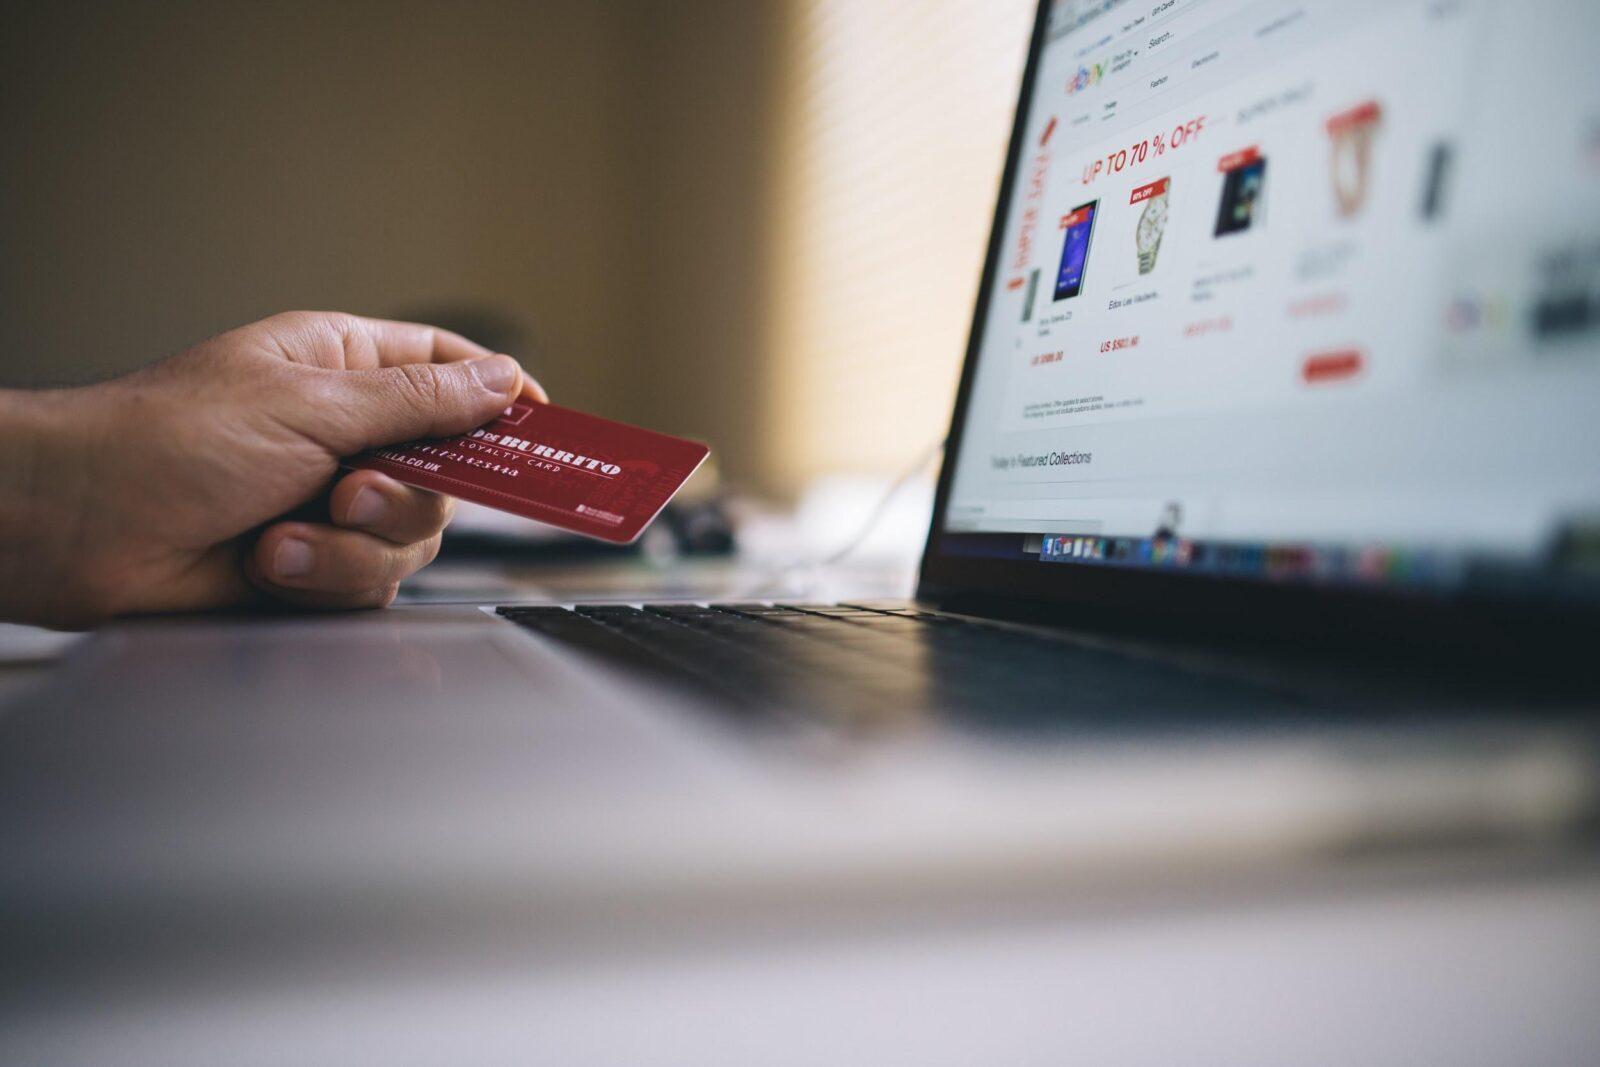 Descubra 13 segredos para poupar dinheiro nas compras online 2